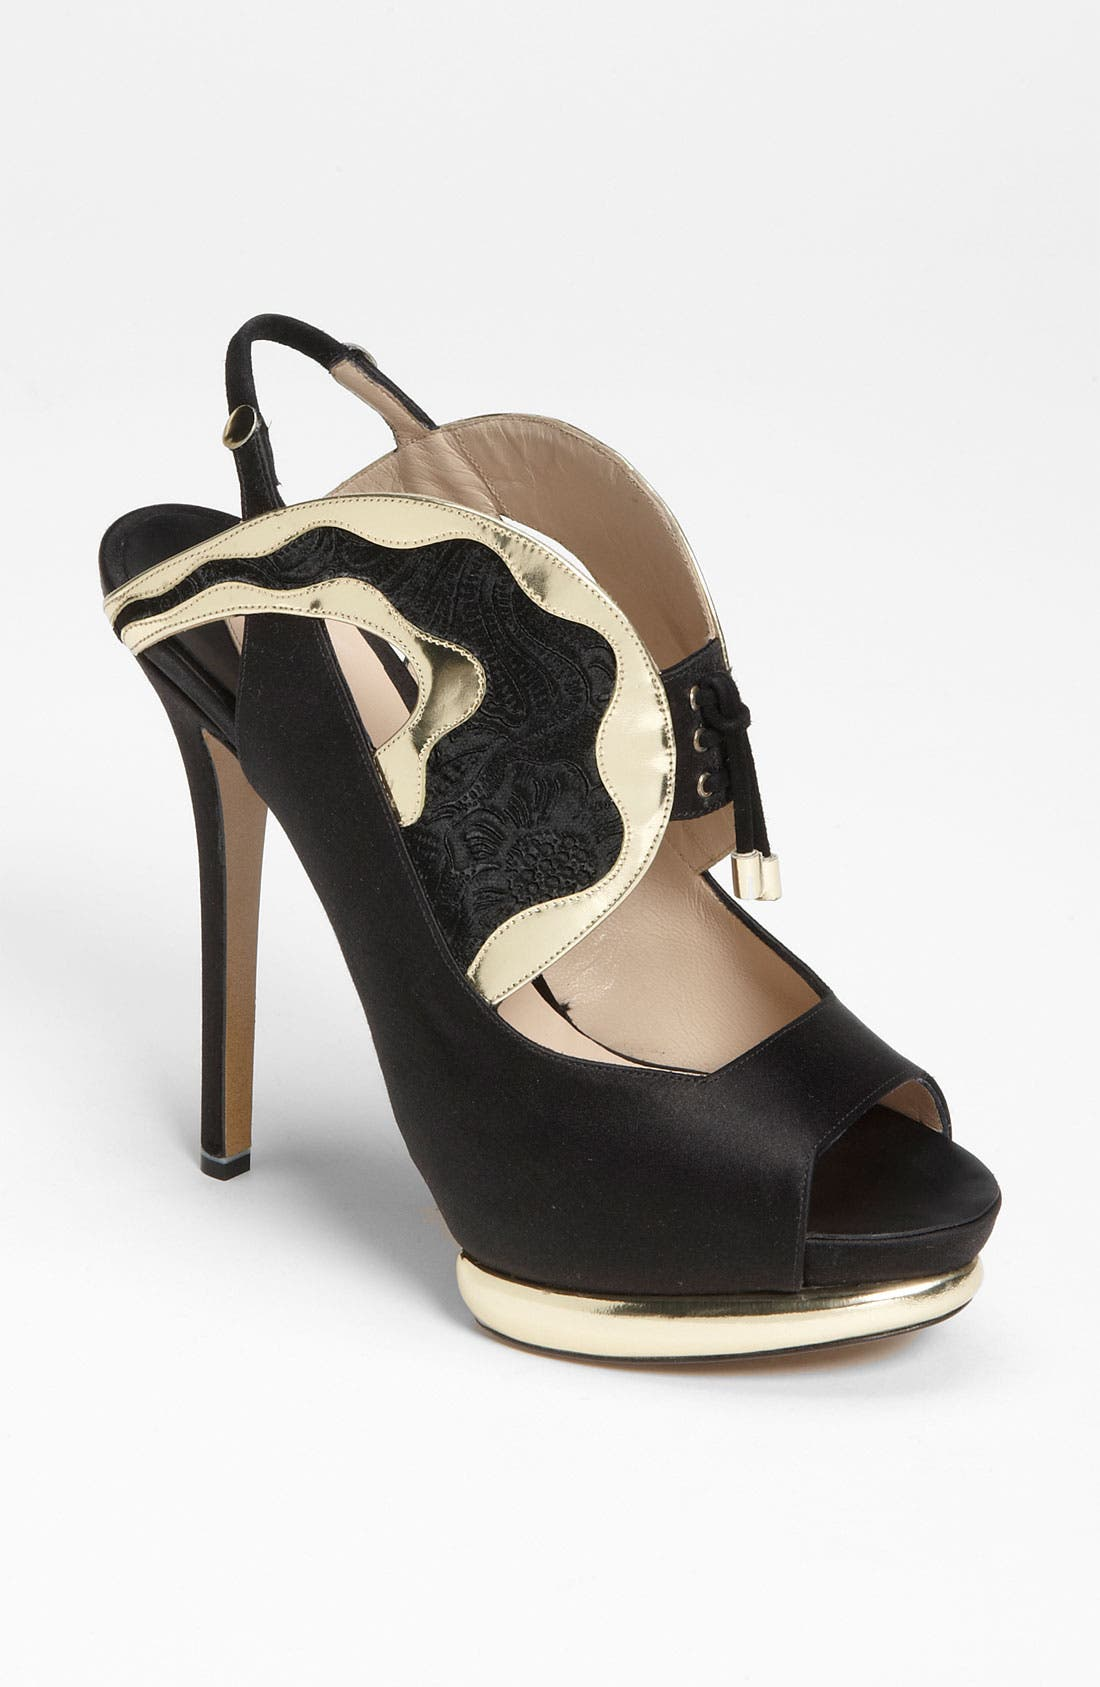 Alternate Image 1 Selected - Nicholas Kirkwood Peep Toe Sandal